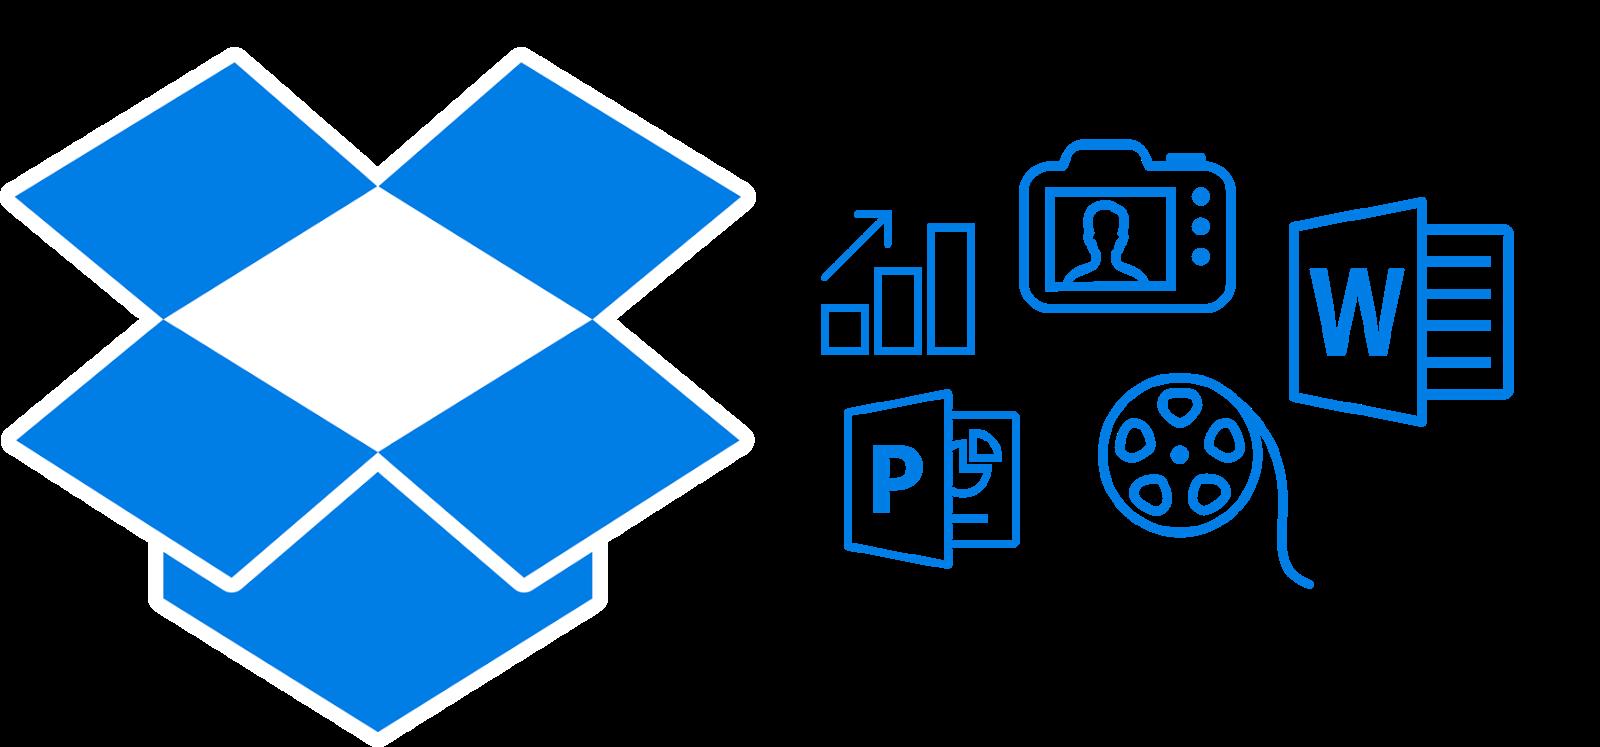 تحديث جديد لتطبيق Dropbox يضيف ميزة مسح المستندات بكاميرا هاتفك وتخزينها بصيغة PDF